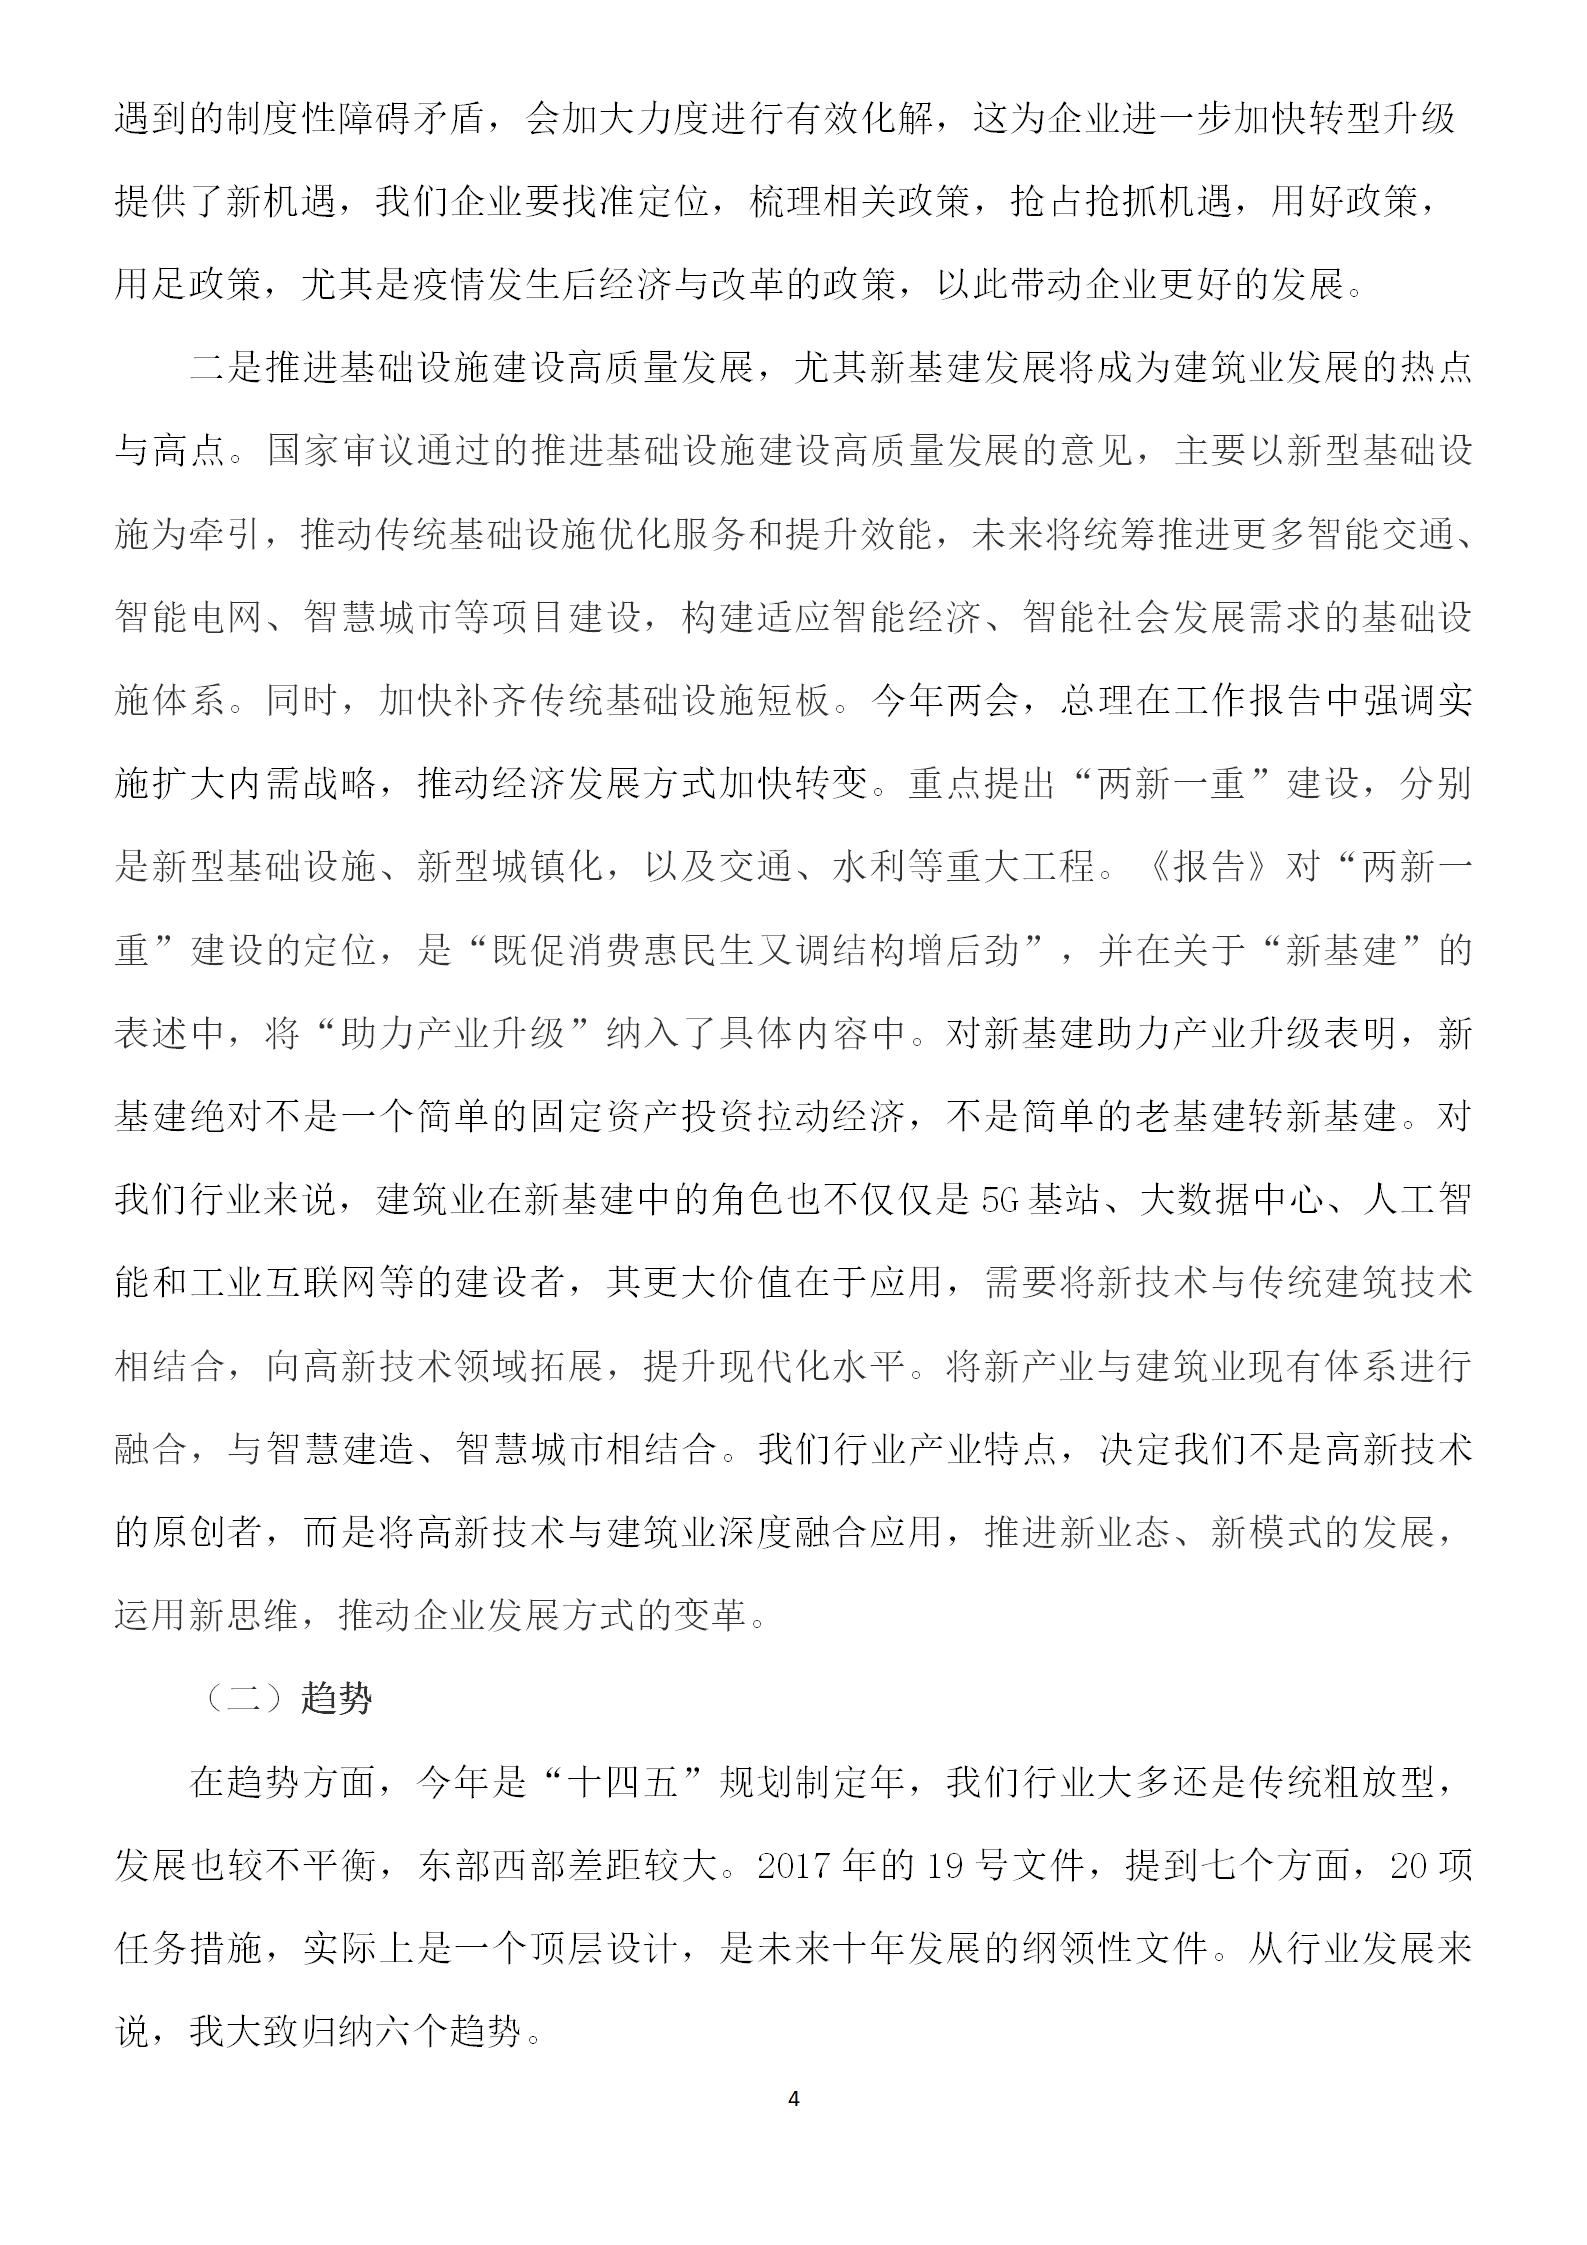 中建协副会长吴慧娟在河北省建筑业协会八届五次理事会上的讲话(1)_04.png